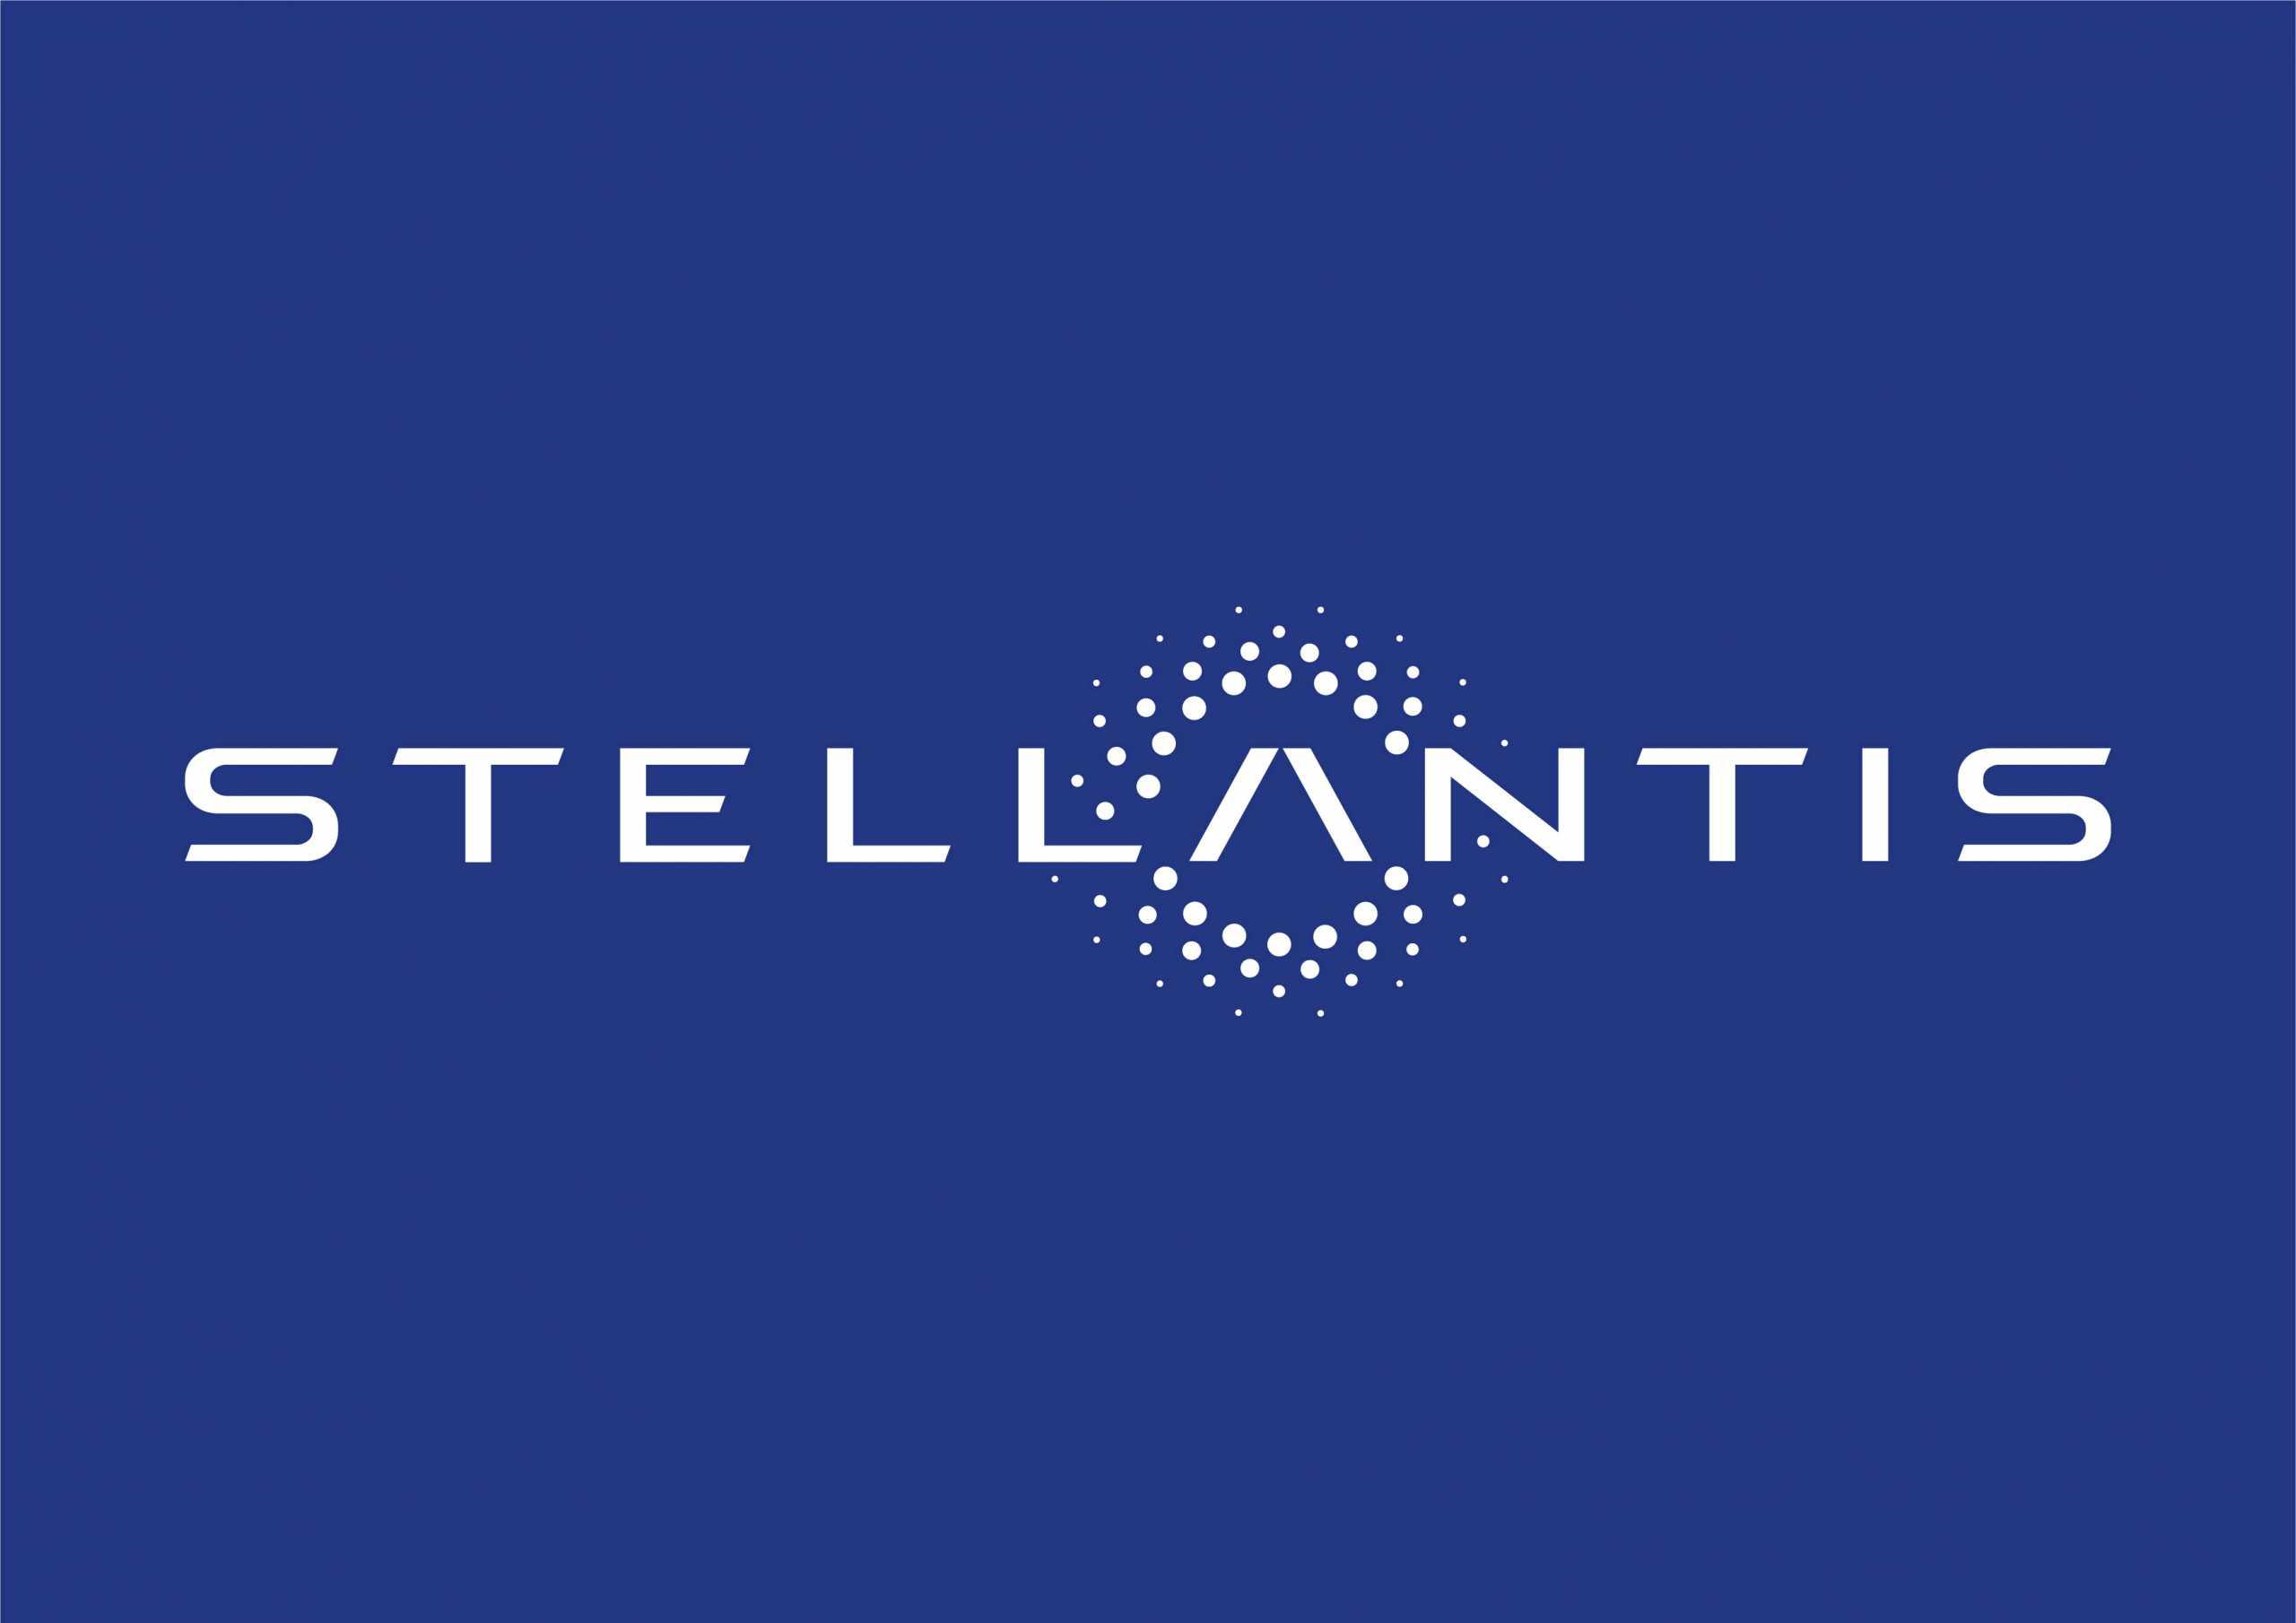 Και εγένετο Stellantis: Εγκρίθηκε η συγχώνευση Peugeot-Citroen με Fiat-Chrysler